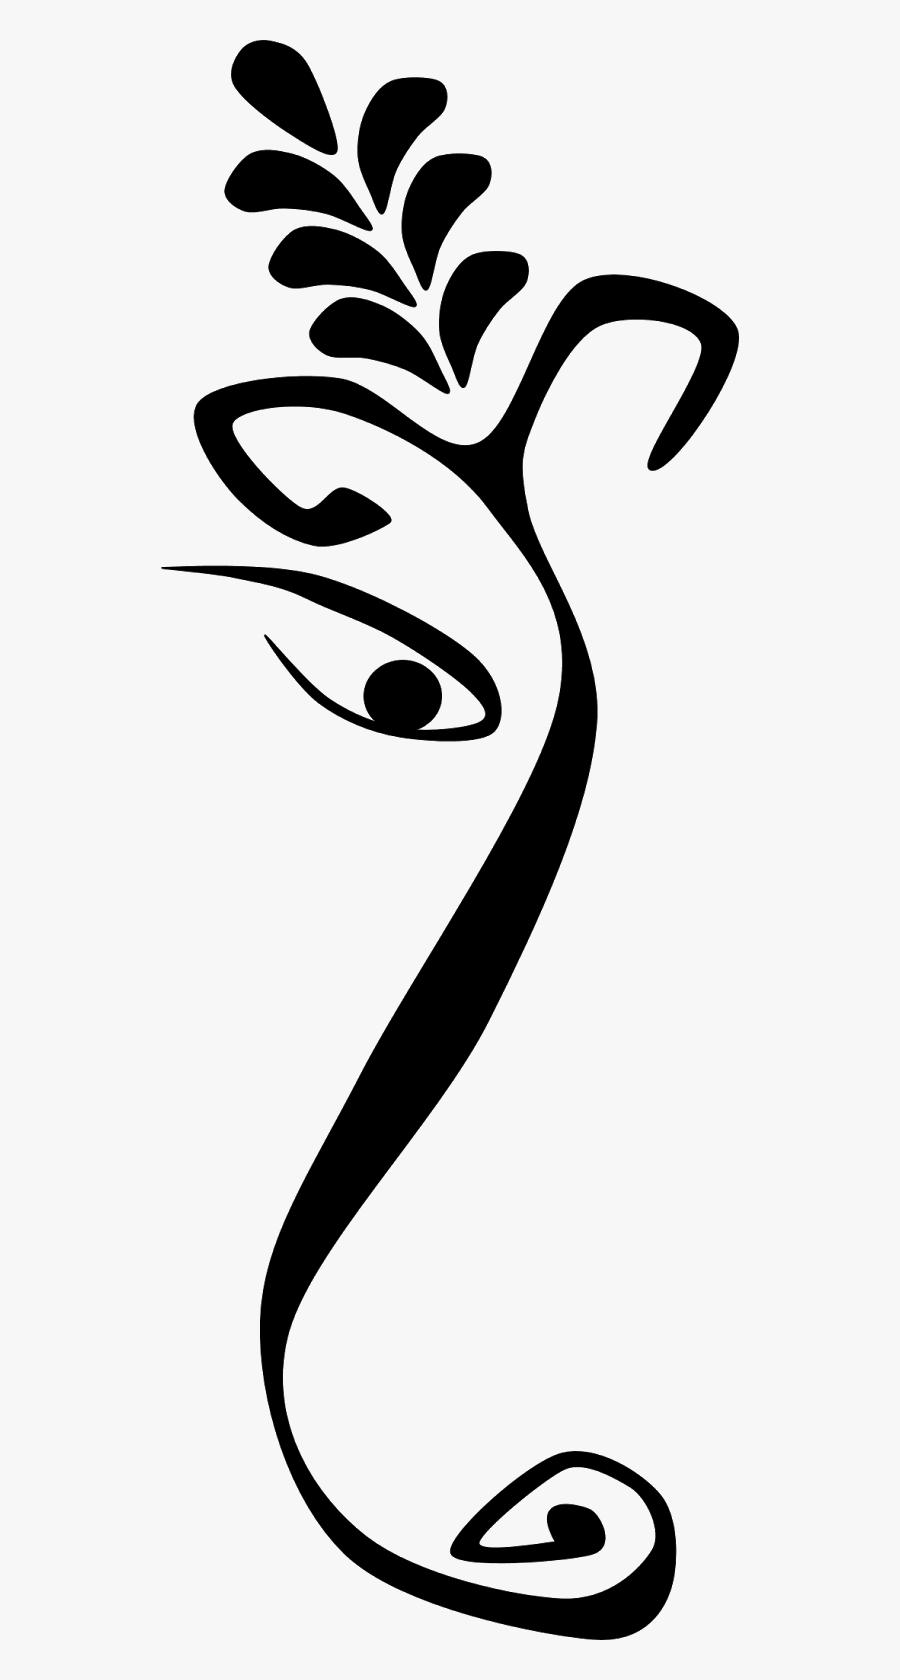 Eyes Clipart Ganpati.